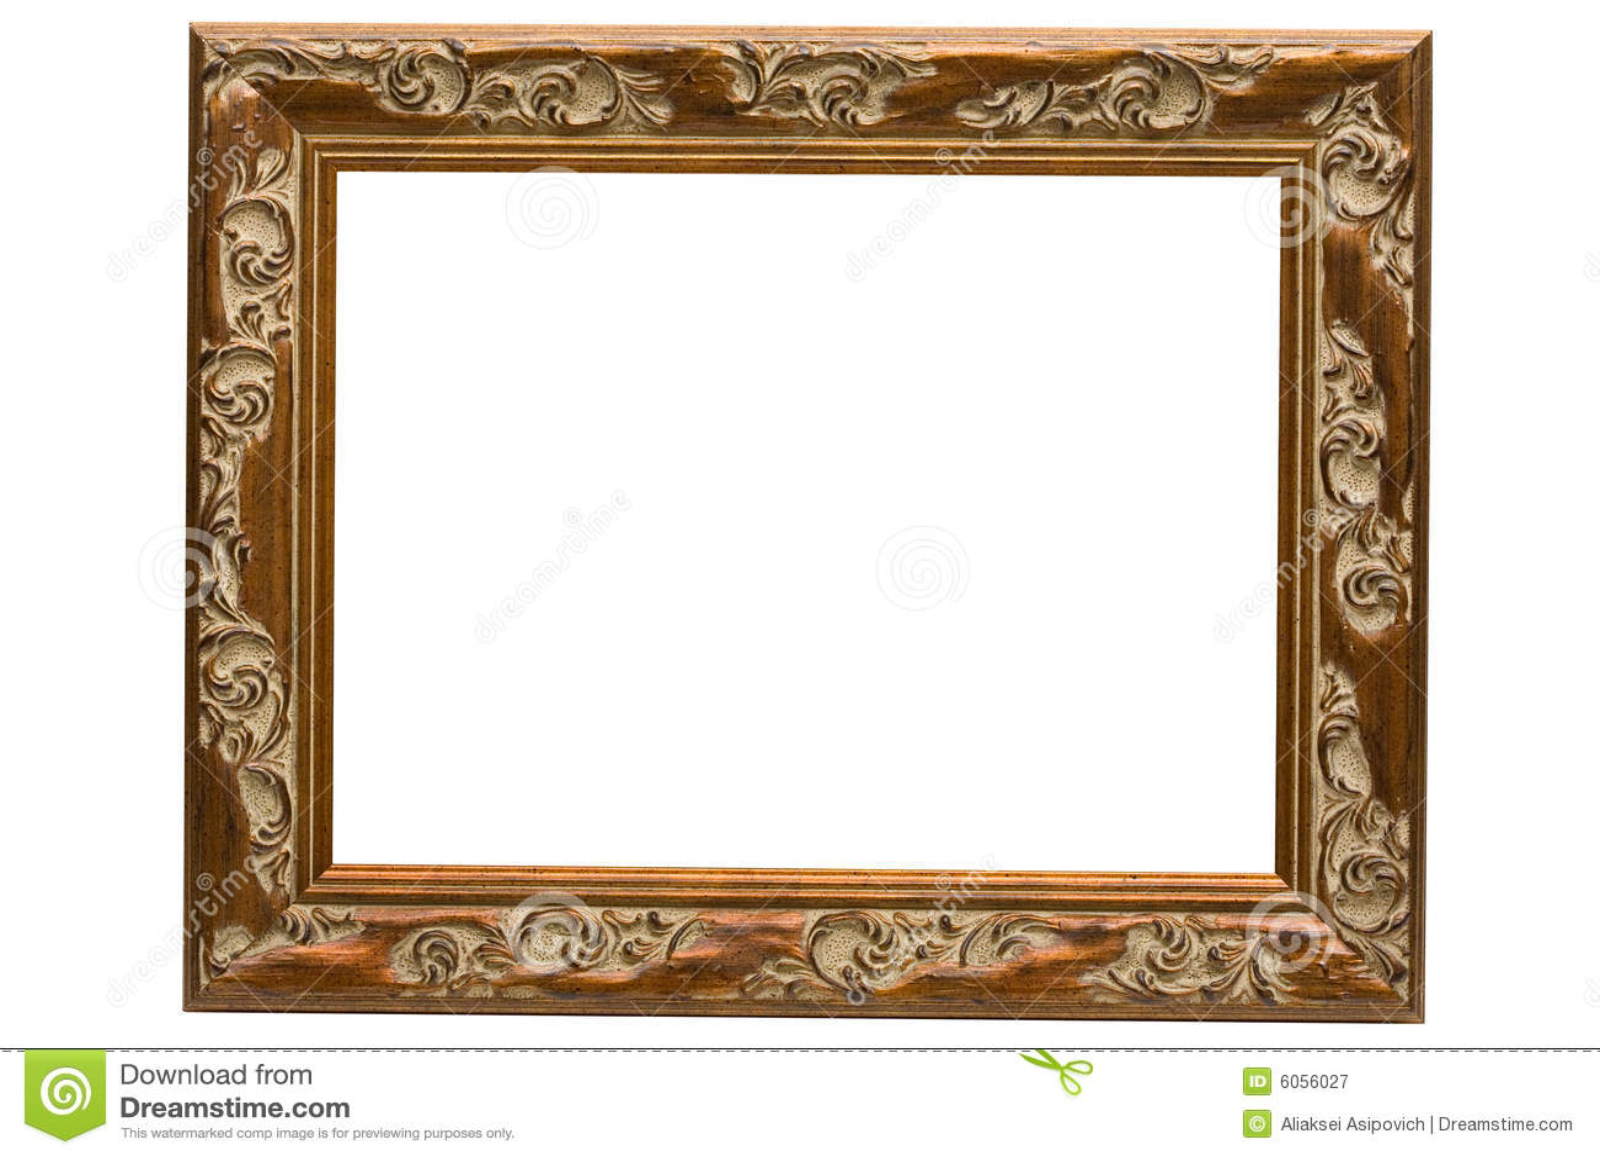 Vintage Wood Frame : Antique Wood Frames